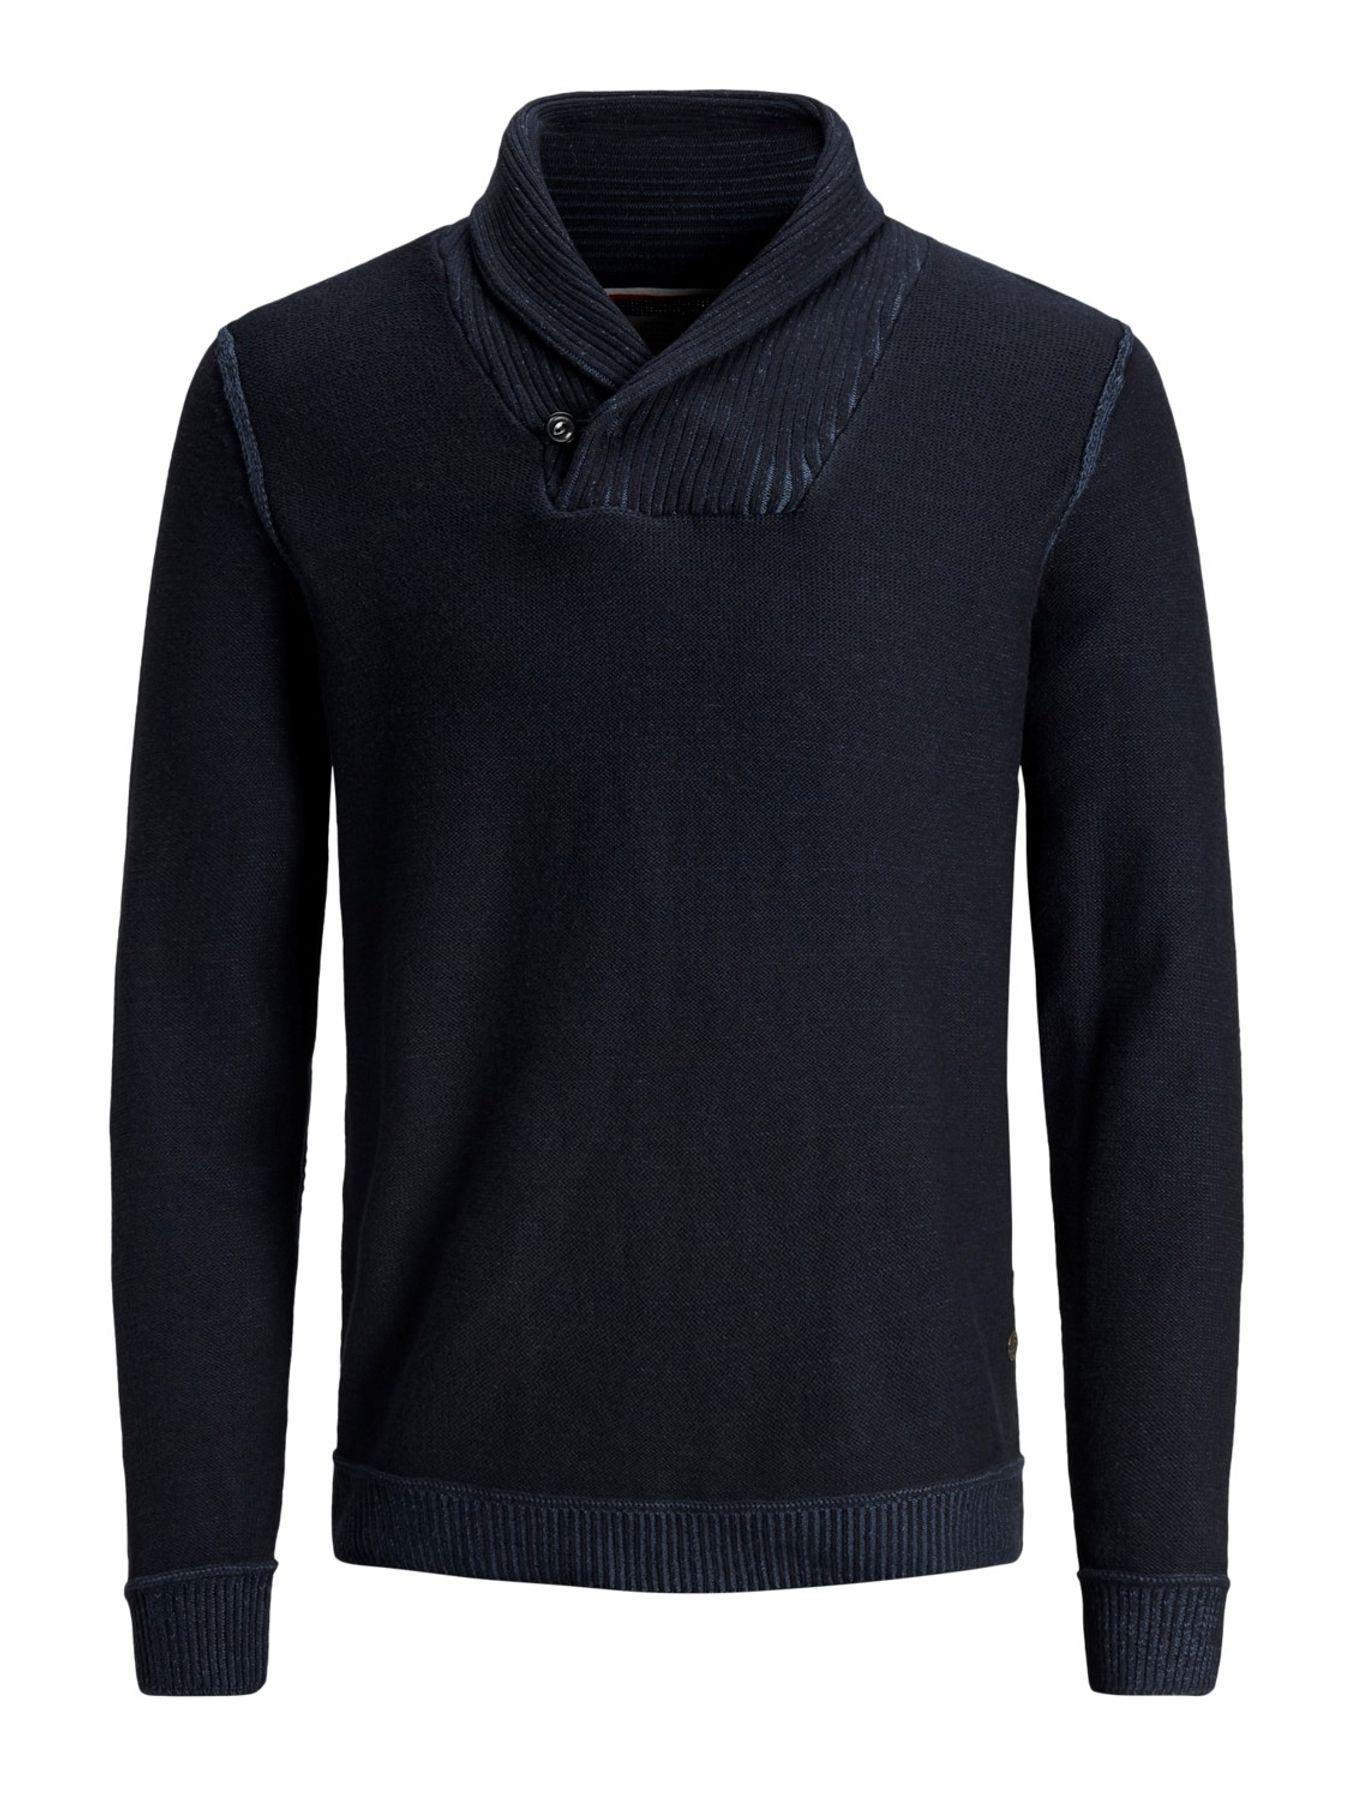 Jack & Jones - Herren Pullover aus 100% Baumwolle,  JORKAIDEN KNIT HIGH NECK (12141080) – Bild 6